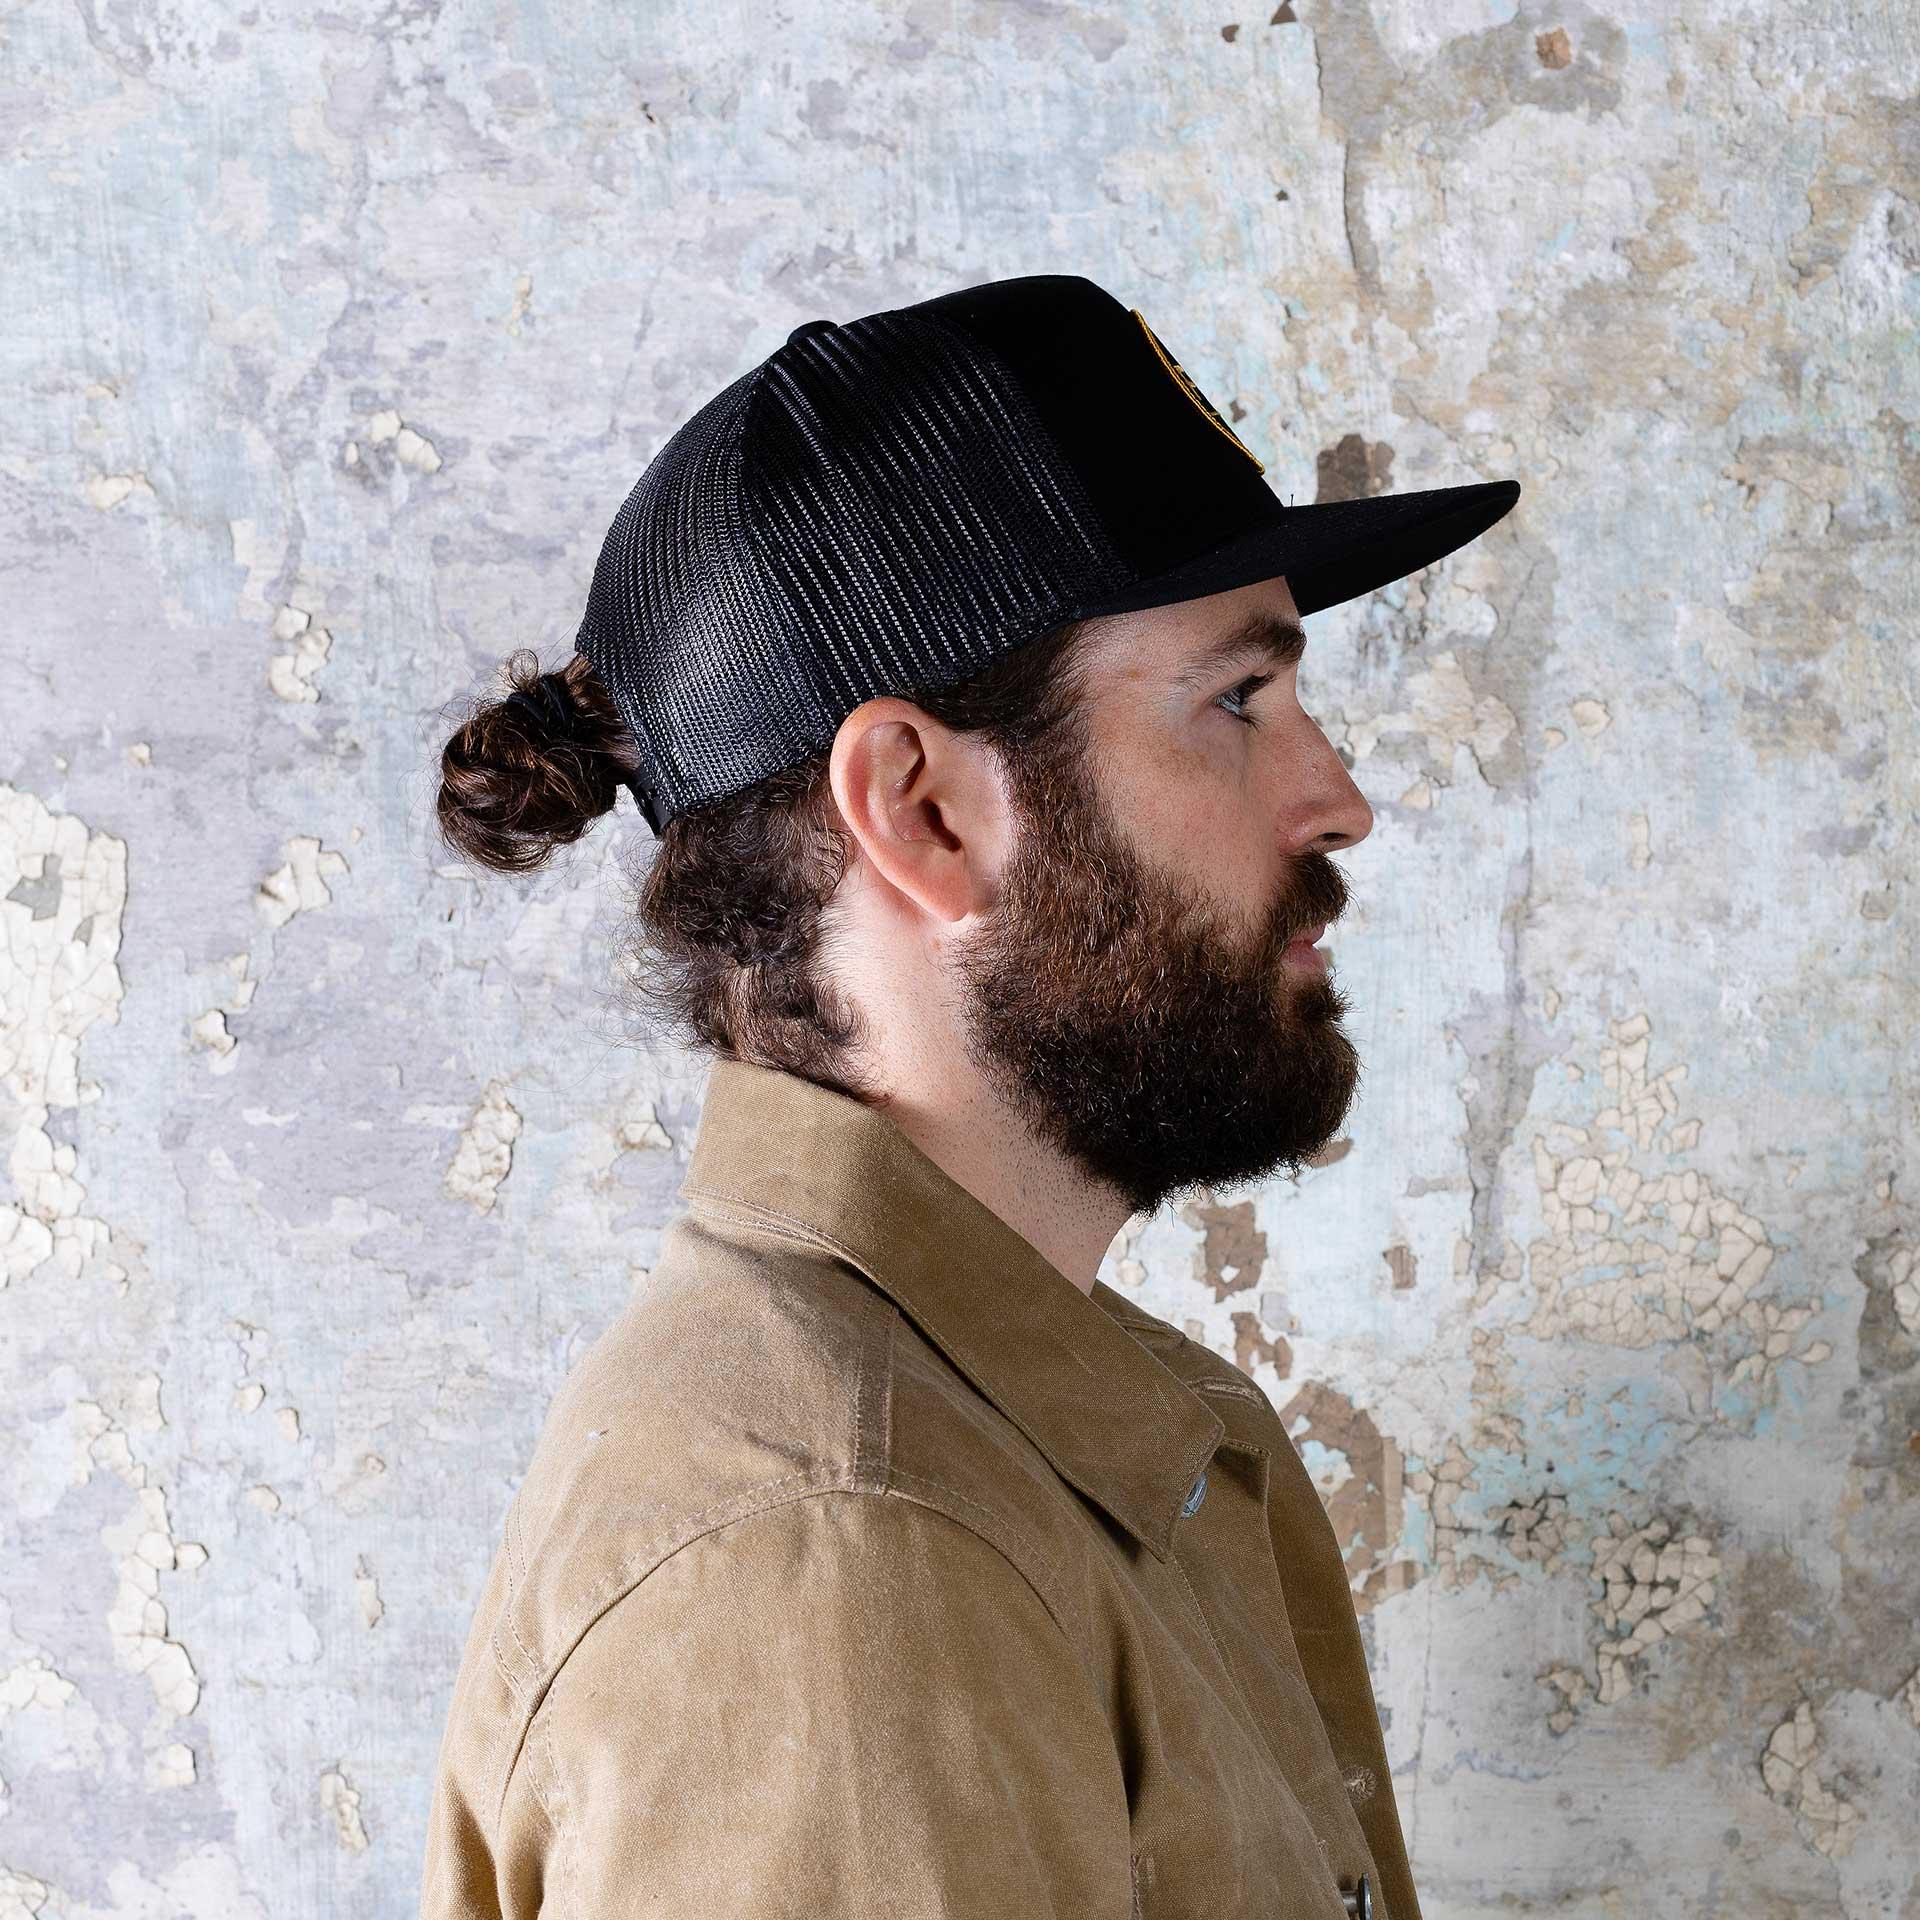 Franklin-&-Mercer-Trucker-Hat—Onbody-shot-(crop-just-below-the-shoulders)-